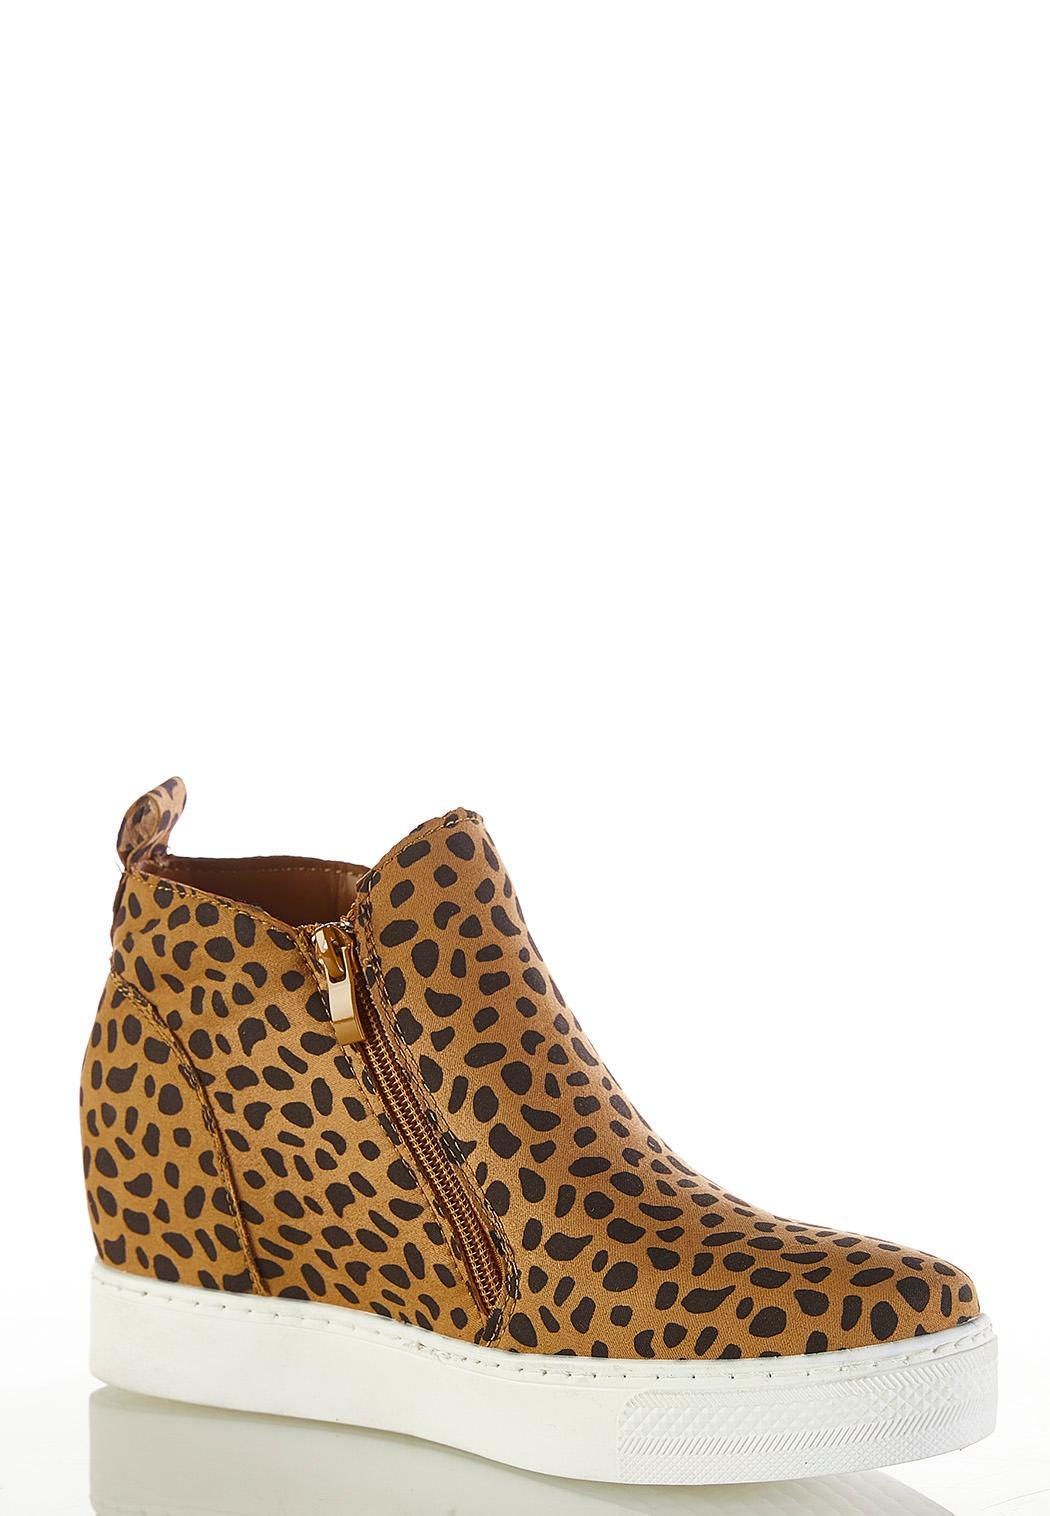 Cheetah Wedge Sneakers